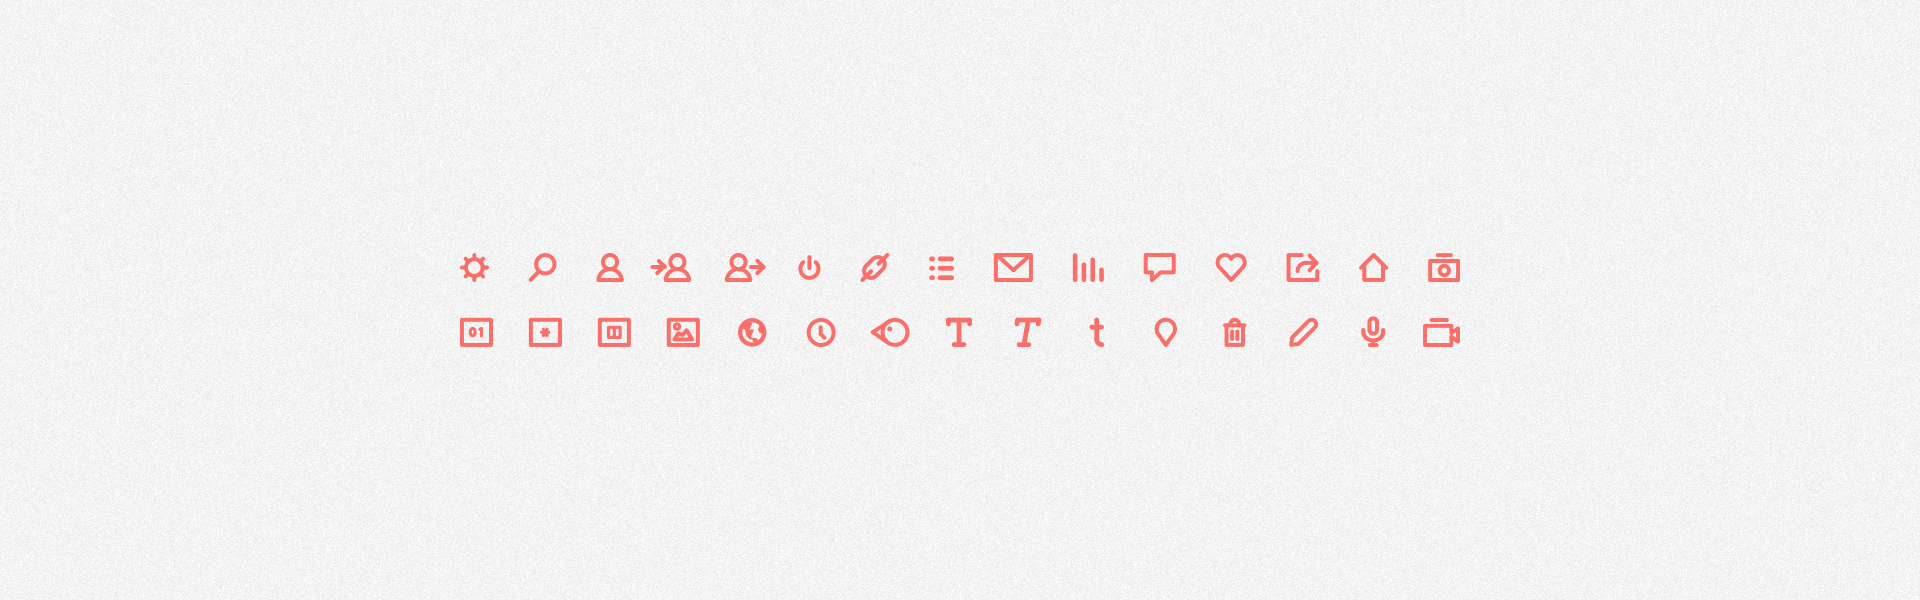 helene-chataigner-roam-identity-icons-7